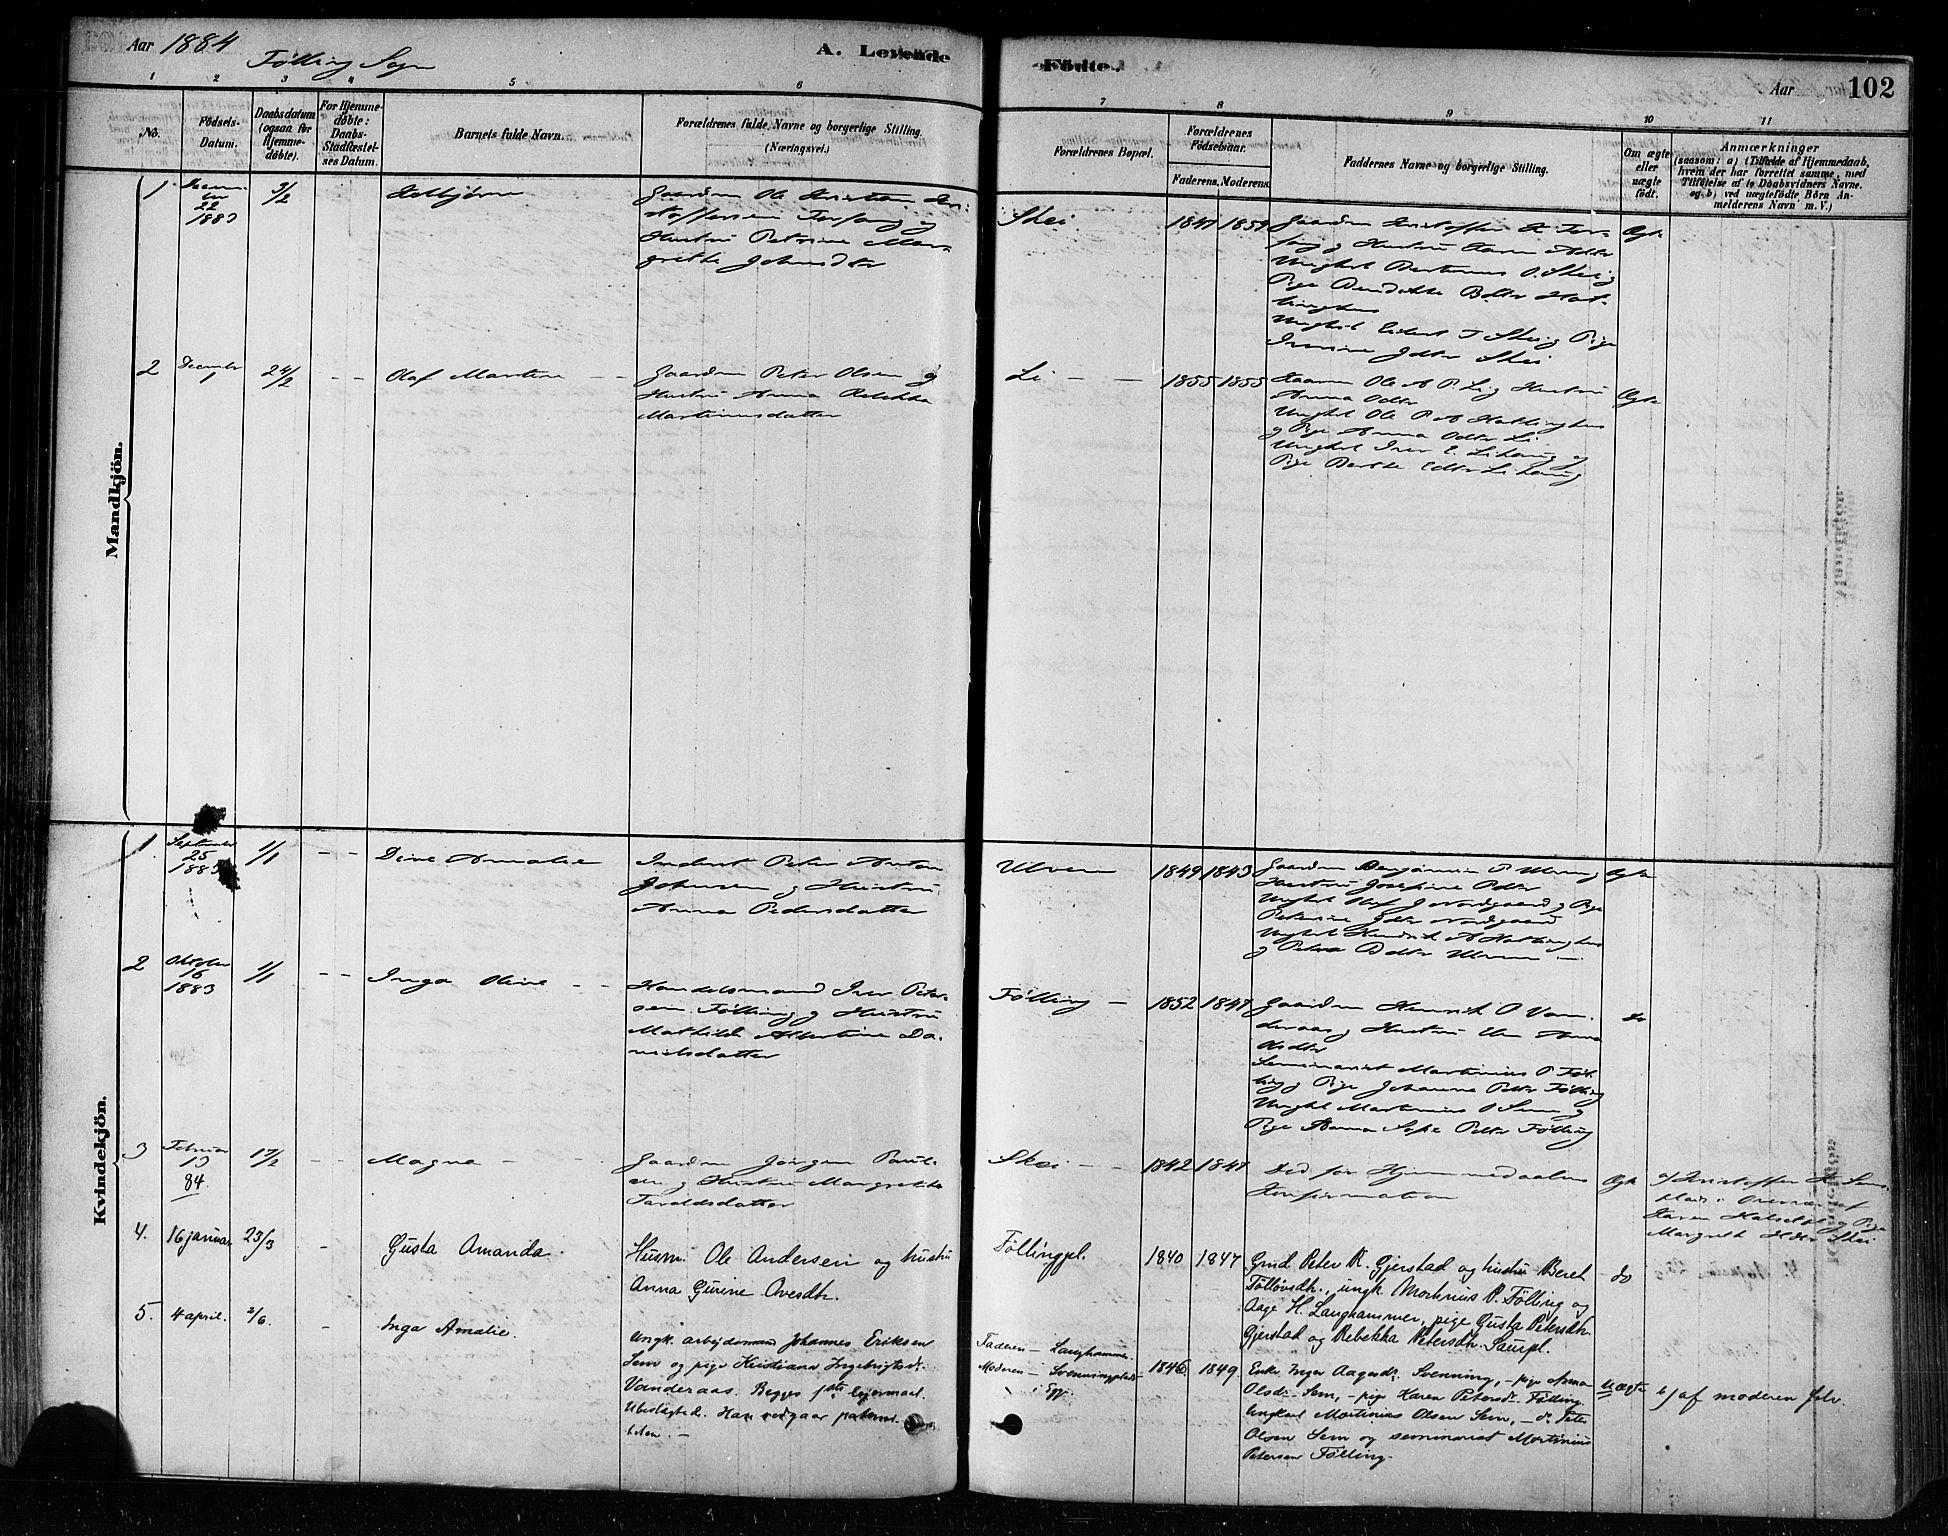 SAT, Ministerialprotokoller, klokkerbøker og fødselsregistre - Nord-Trøndelag, 746/L0449: Ministerialbok nr. 746A07 /3, 1878-1899, s. 102